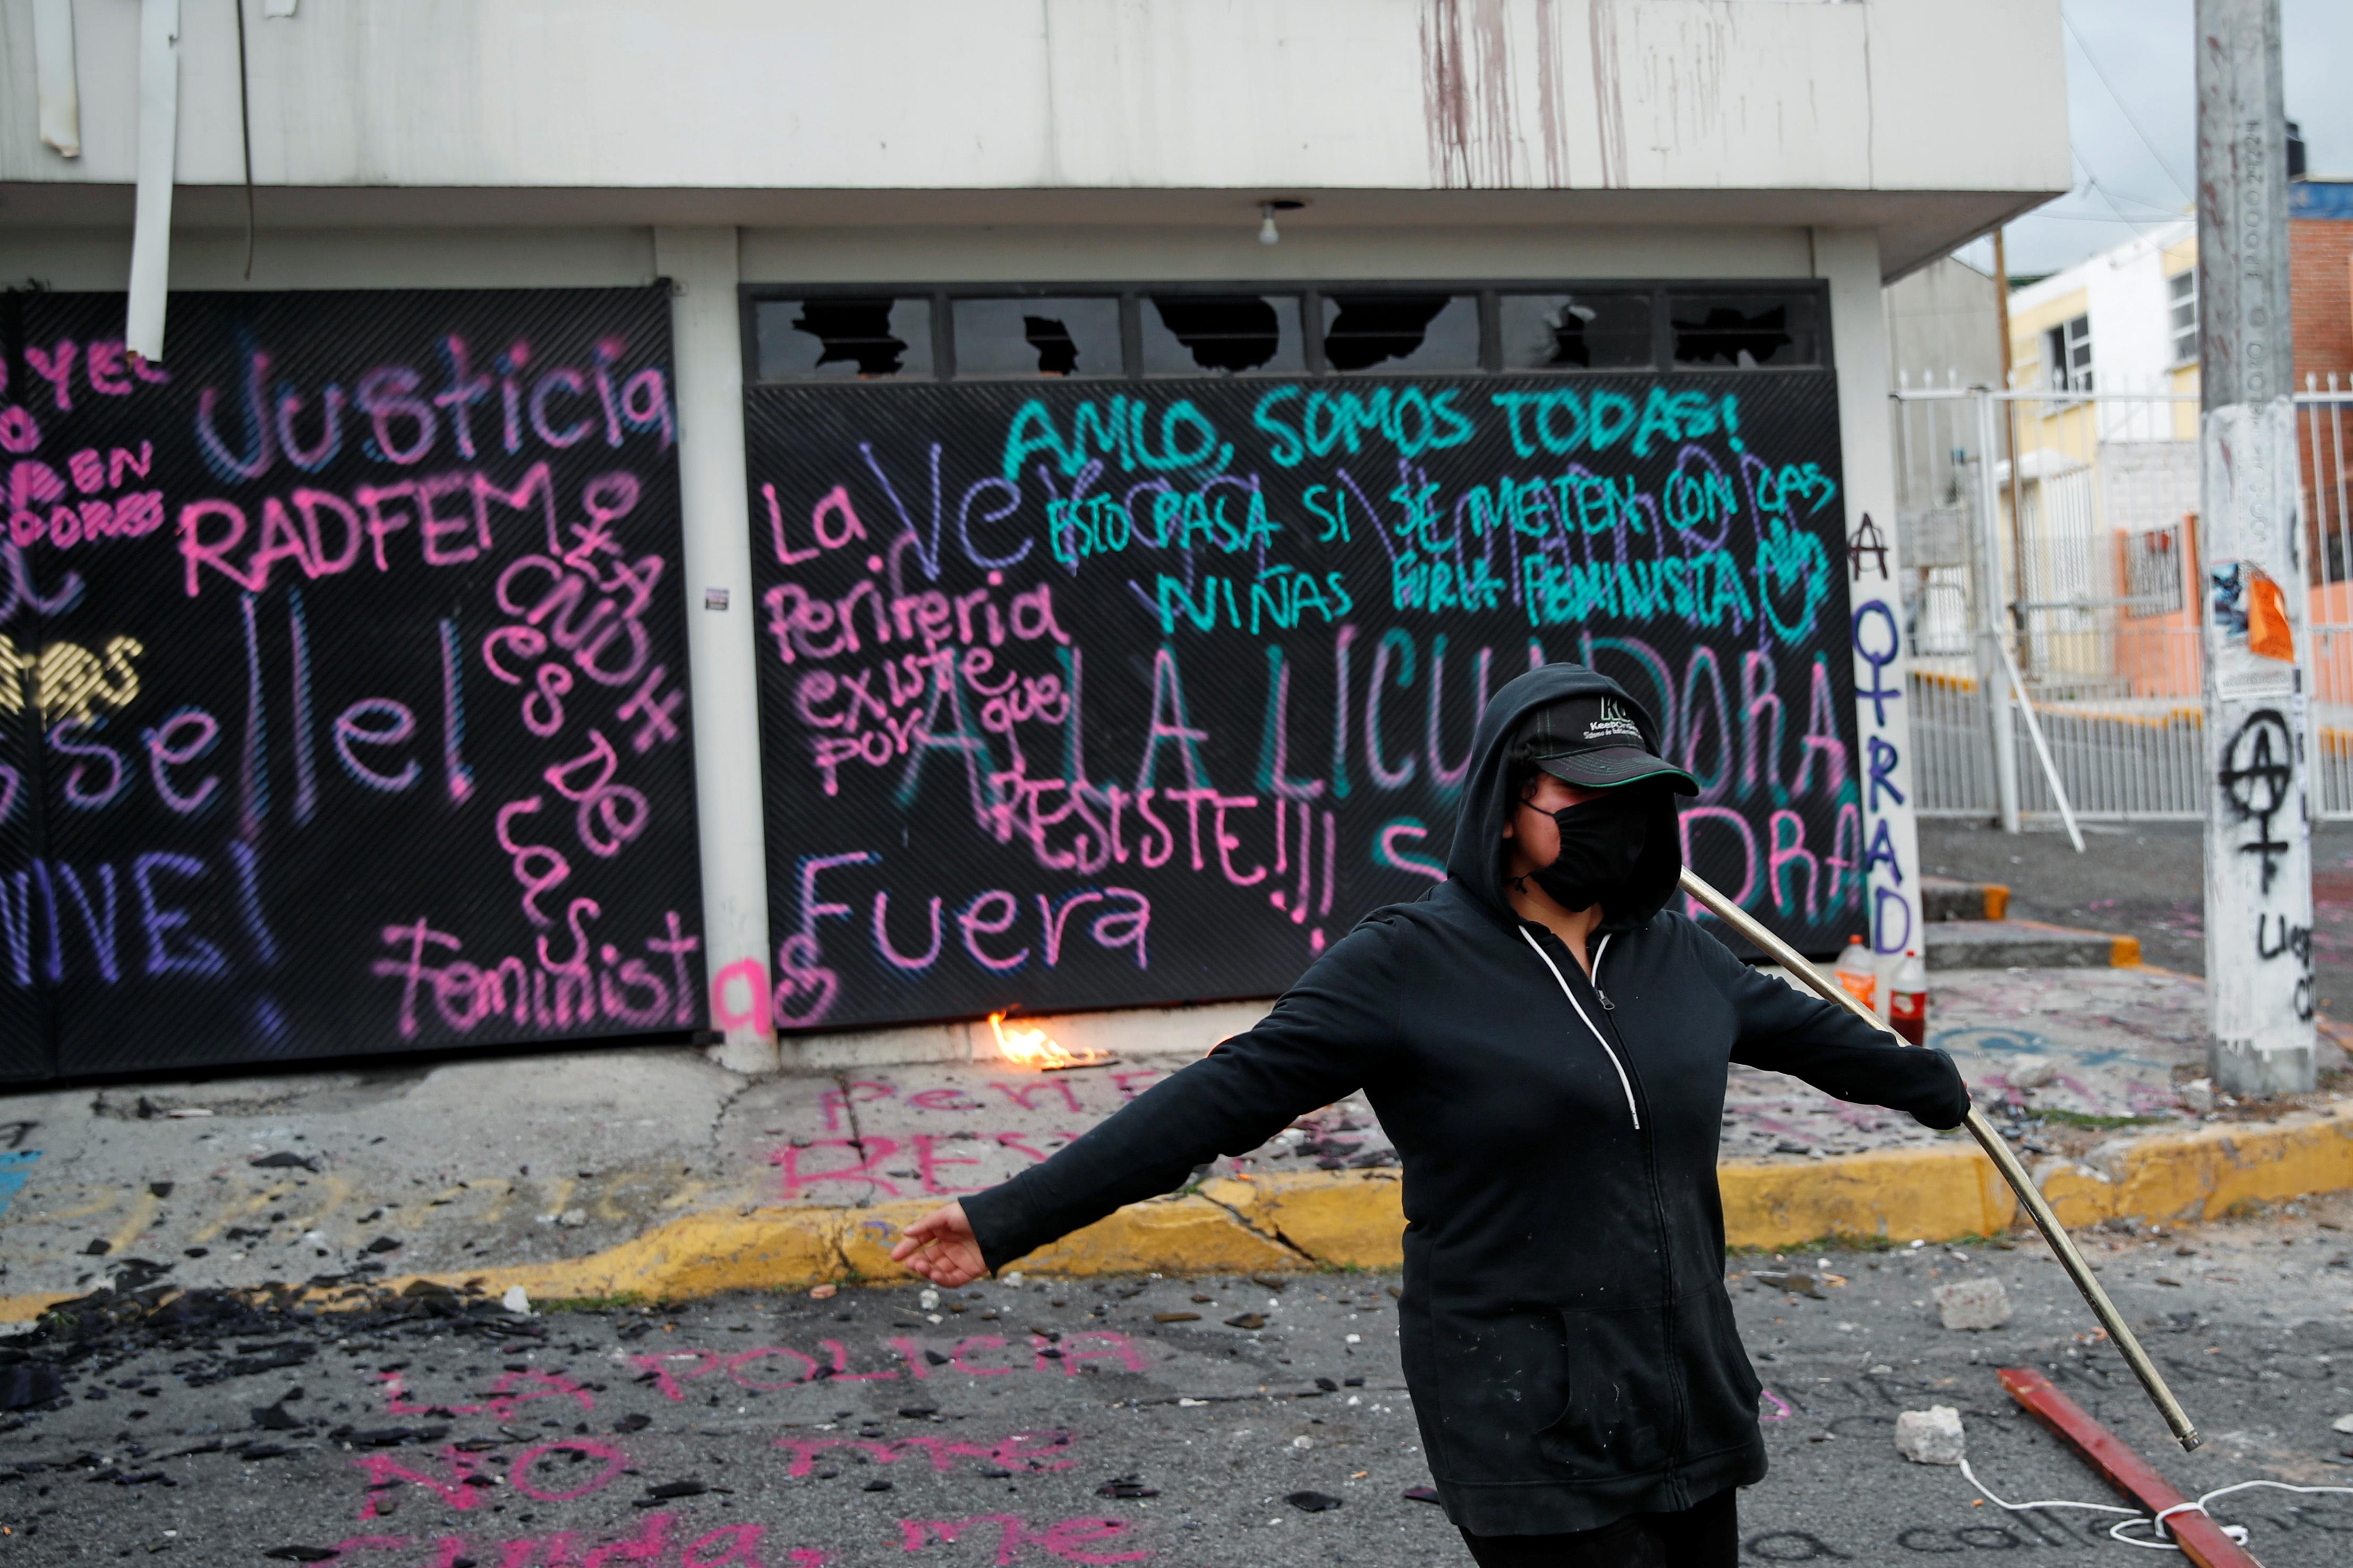 Una integrante de un colectivo feminista es vista en las instalaciones vandalizadas de la comisión de derechos humanos del estado de México, en apoyo a víctimas de violencia de género, en Ecatepec, Estado de México, México el 11 de septiembre de 2020.